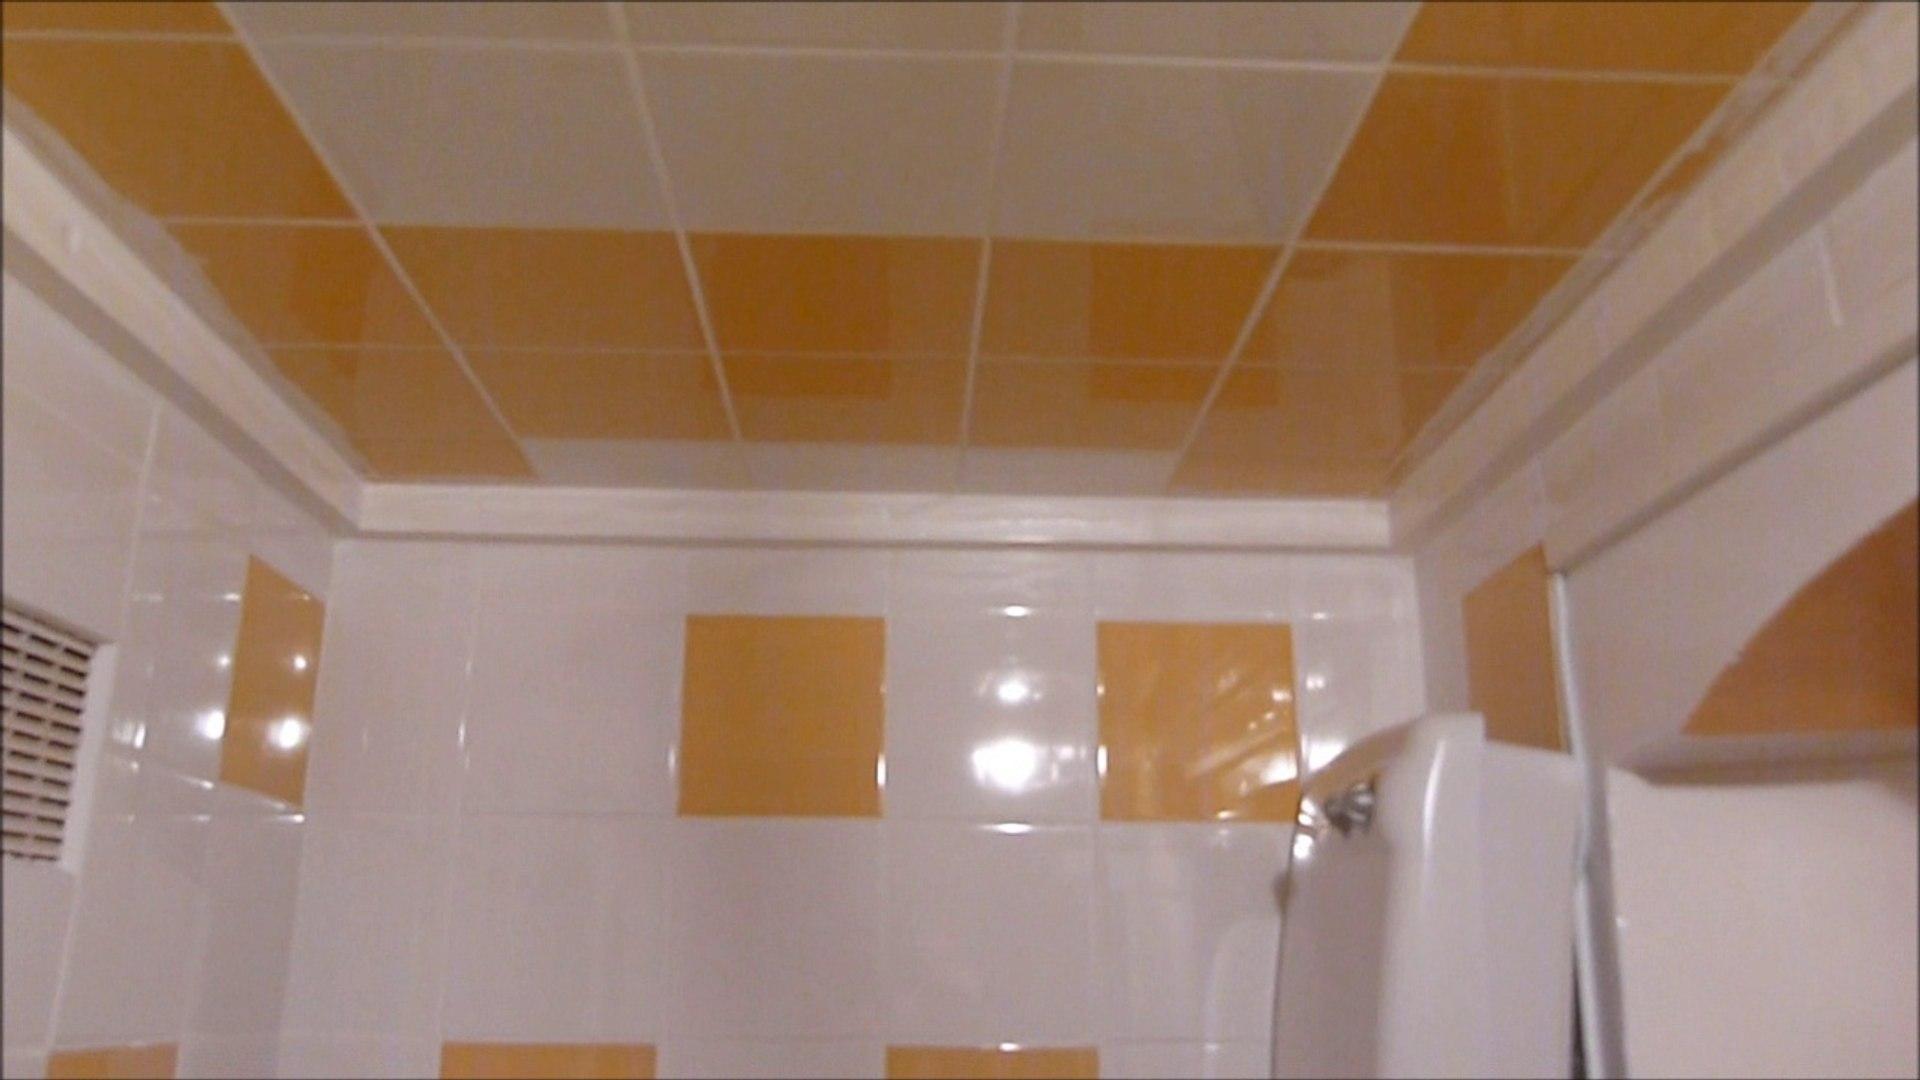 pose de carrelage mural et plafond dans une salle de bain